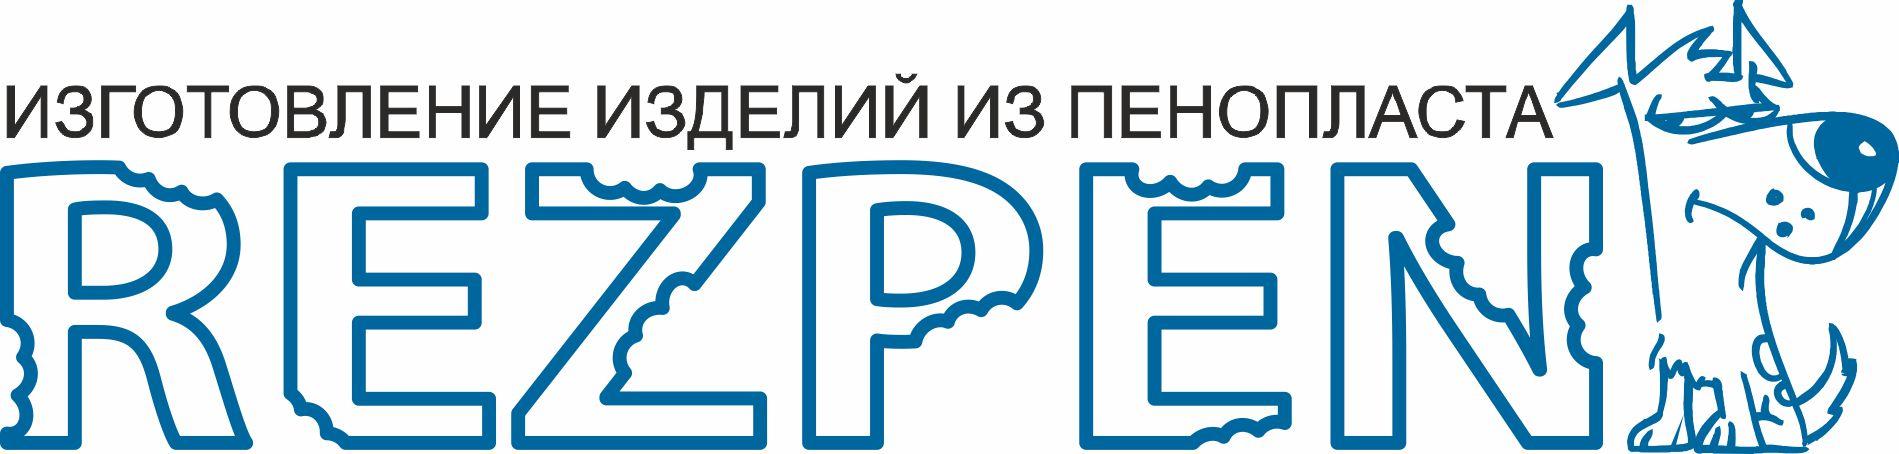 Редизайн логотипа фото f_9605a54b5563e679.jpg